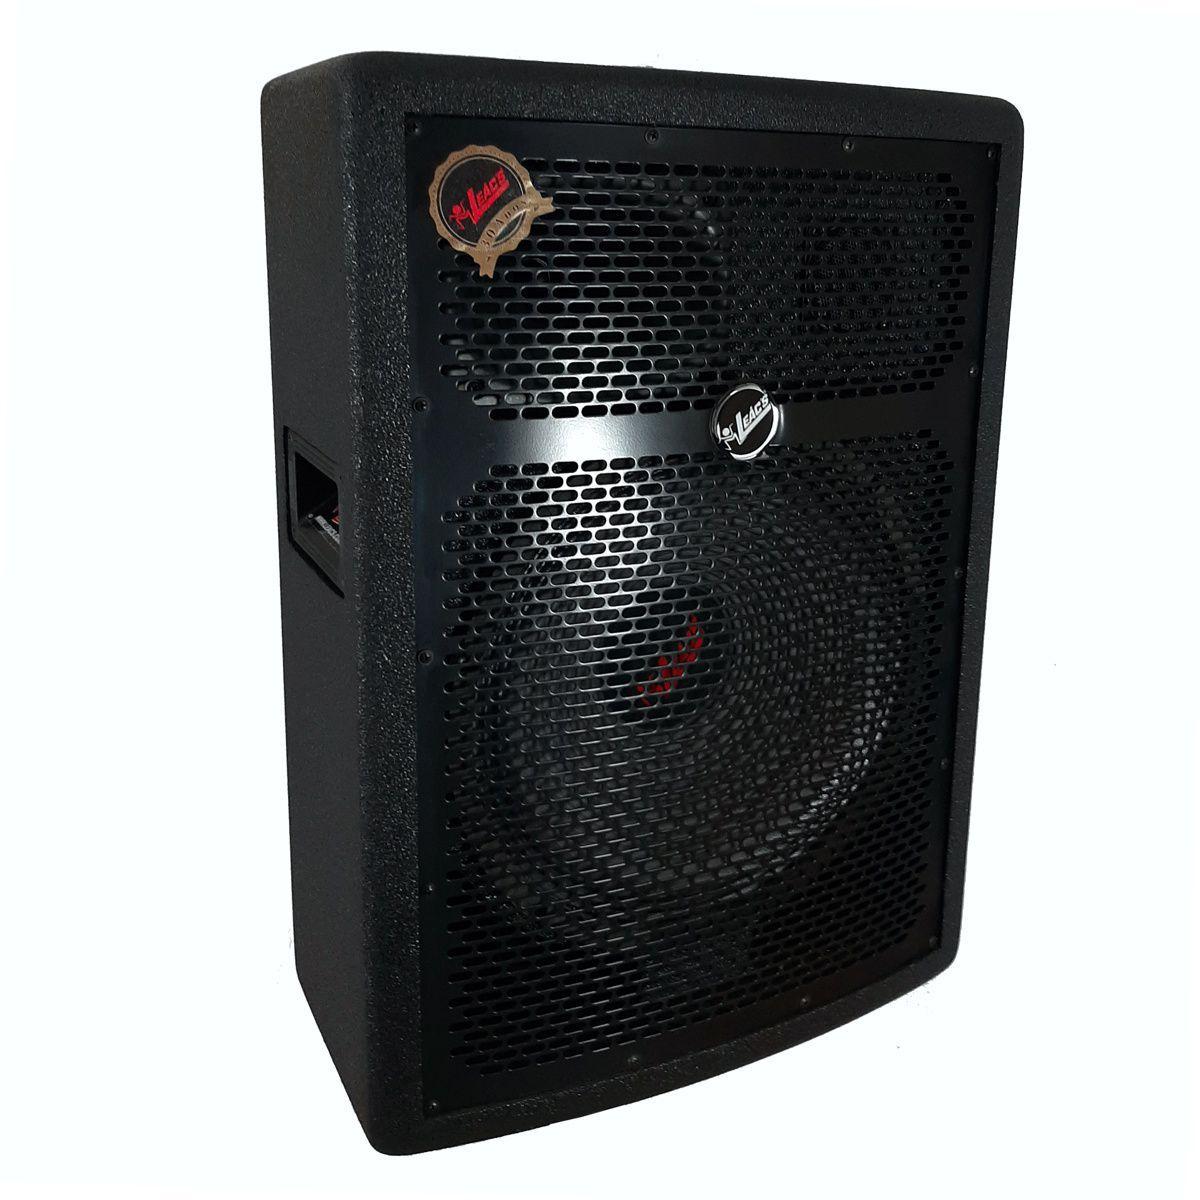 Sistema Pa Sub Woofer Leacs Sli1500 + Caixa Ativa Passiva Fit320a 1300w Rms